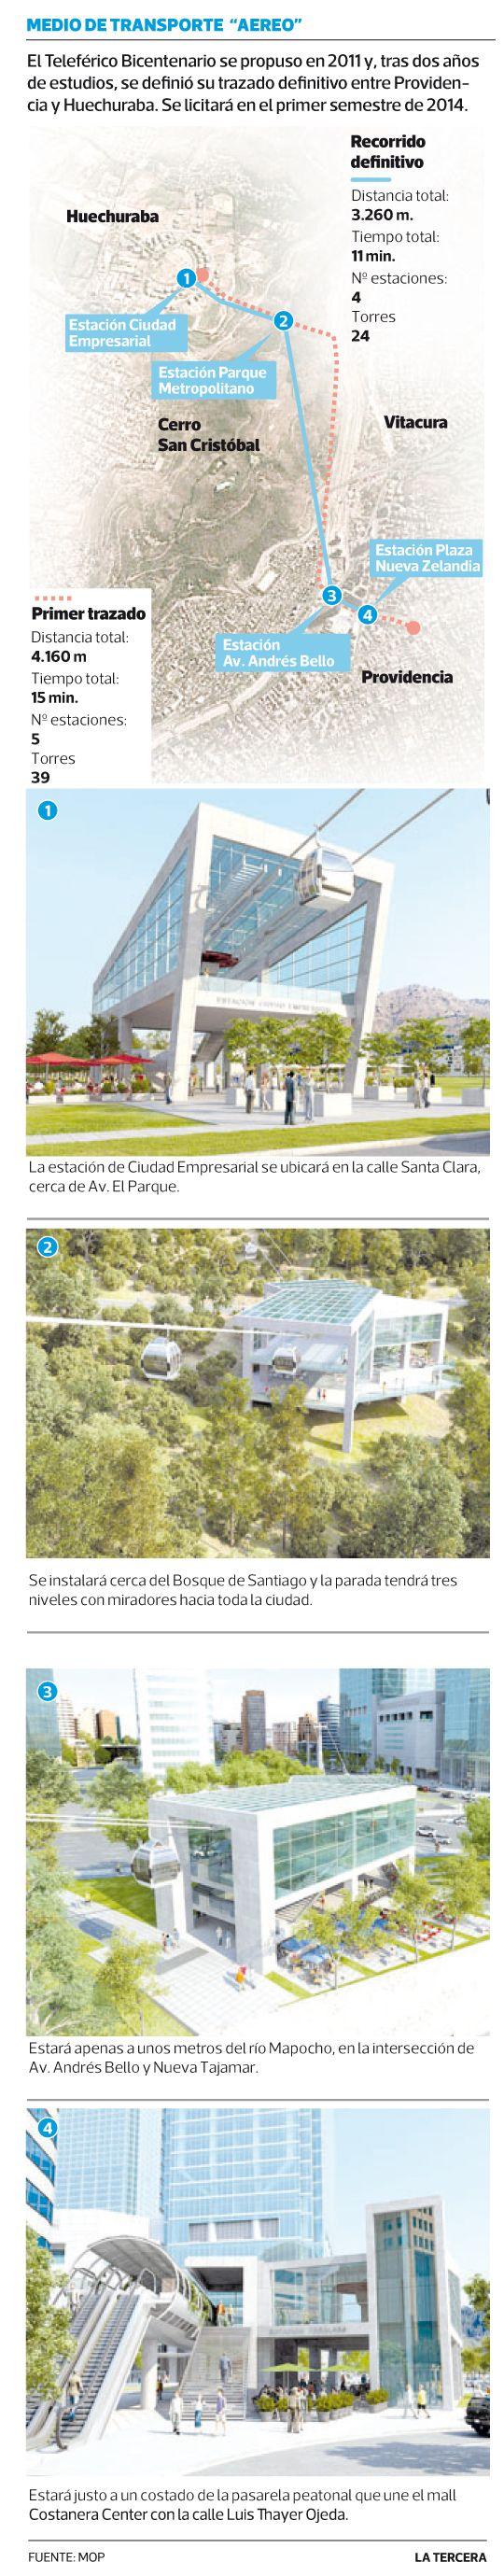 Teleférico entre #Providencia y #Huechuraba: MOP lo licitará en el primer semestre de 2014. #Chile octubre 2013